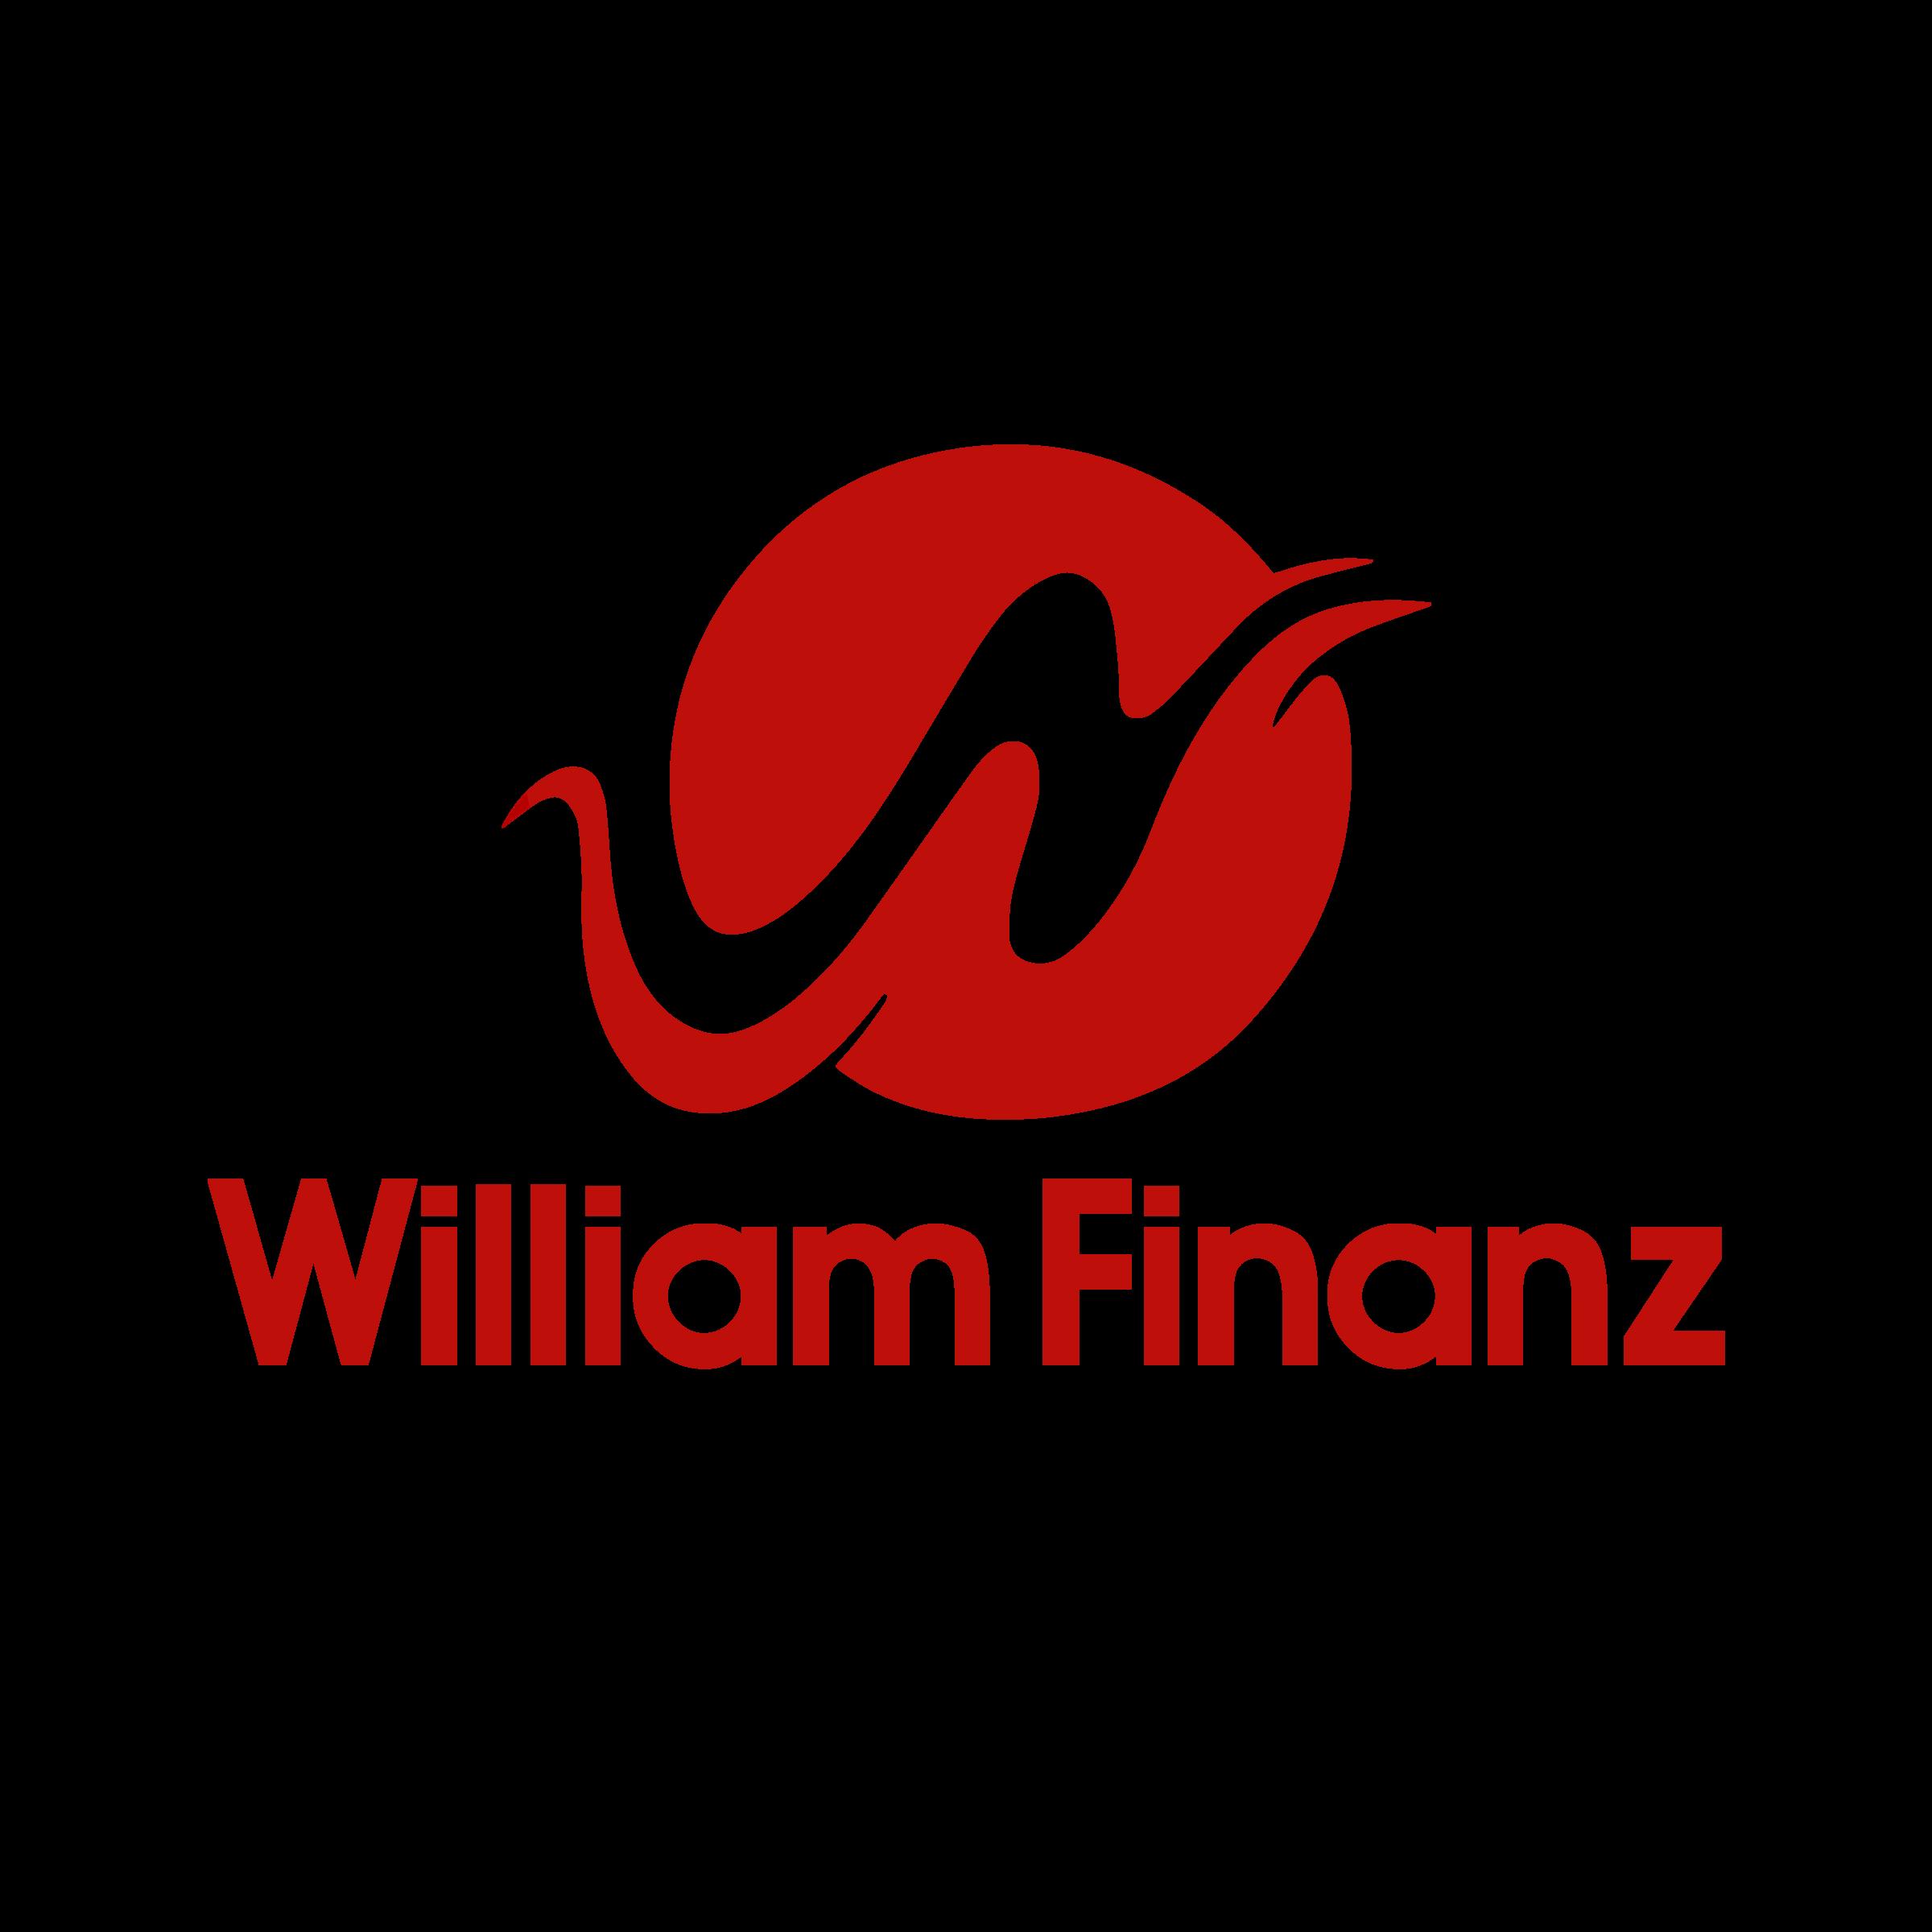 William Finanz GmbH